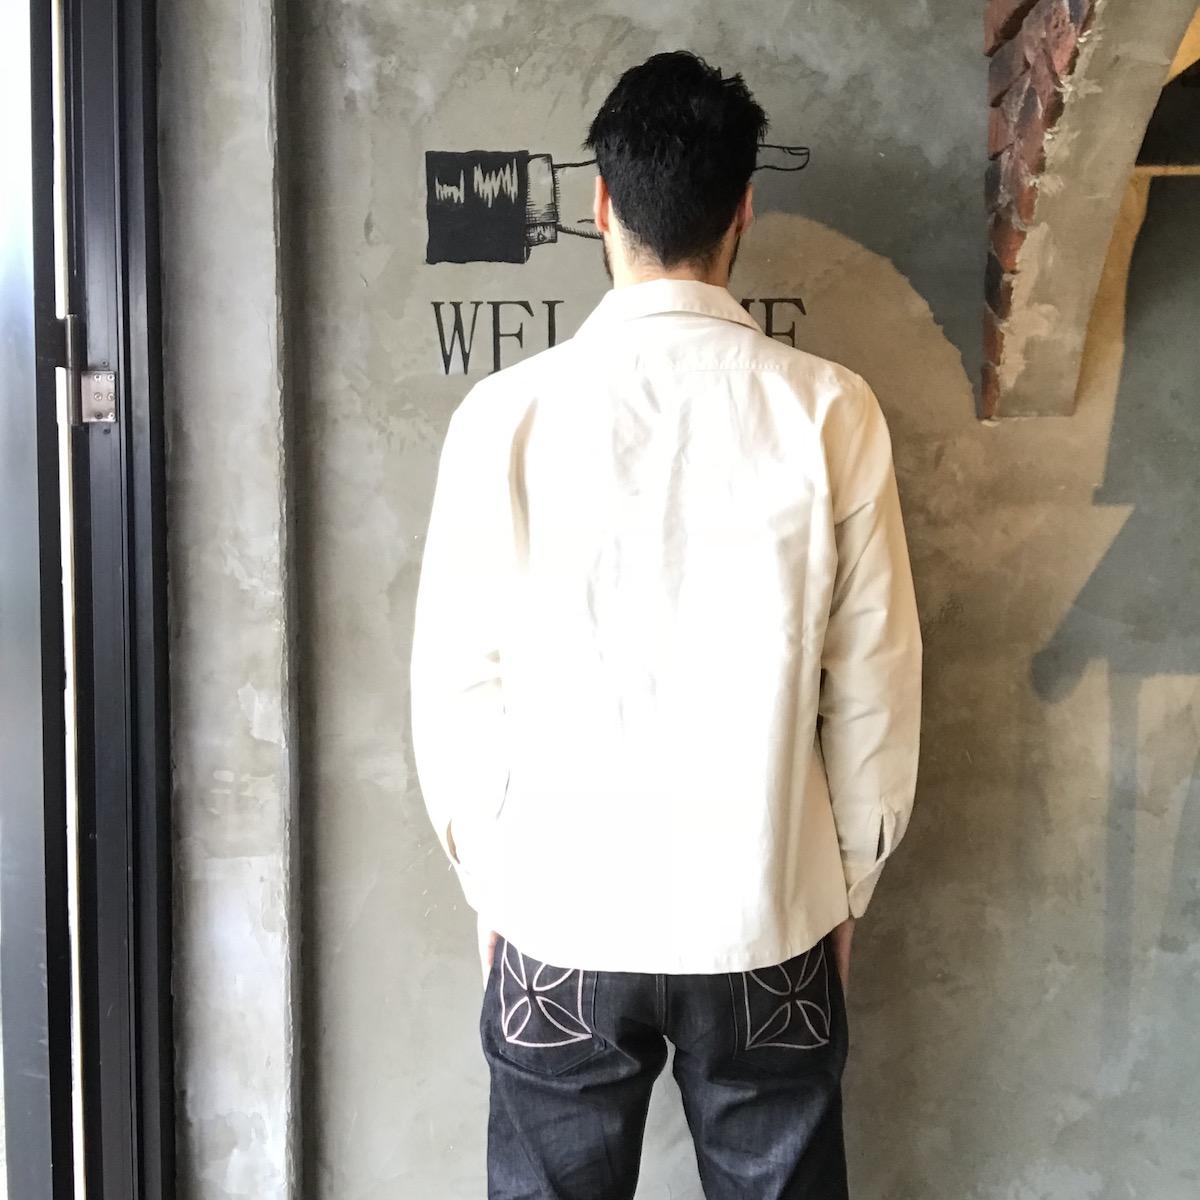 セール 40% OFF SALE 【2XL】WEIRDO YETI - L/S SHIRTS (IVORY)